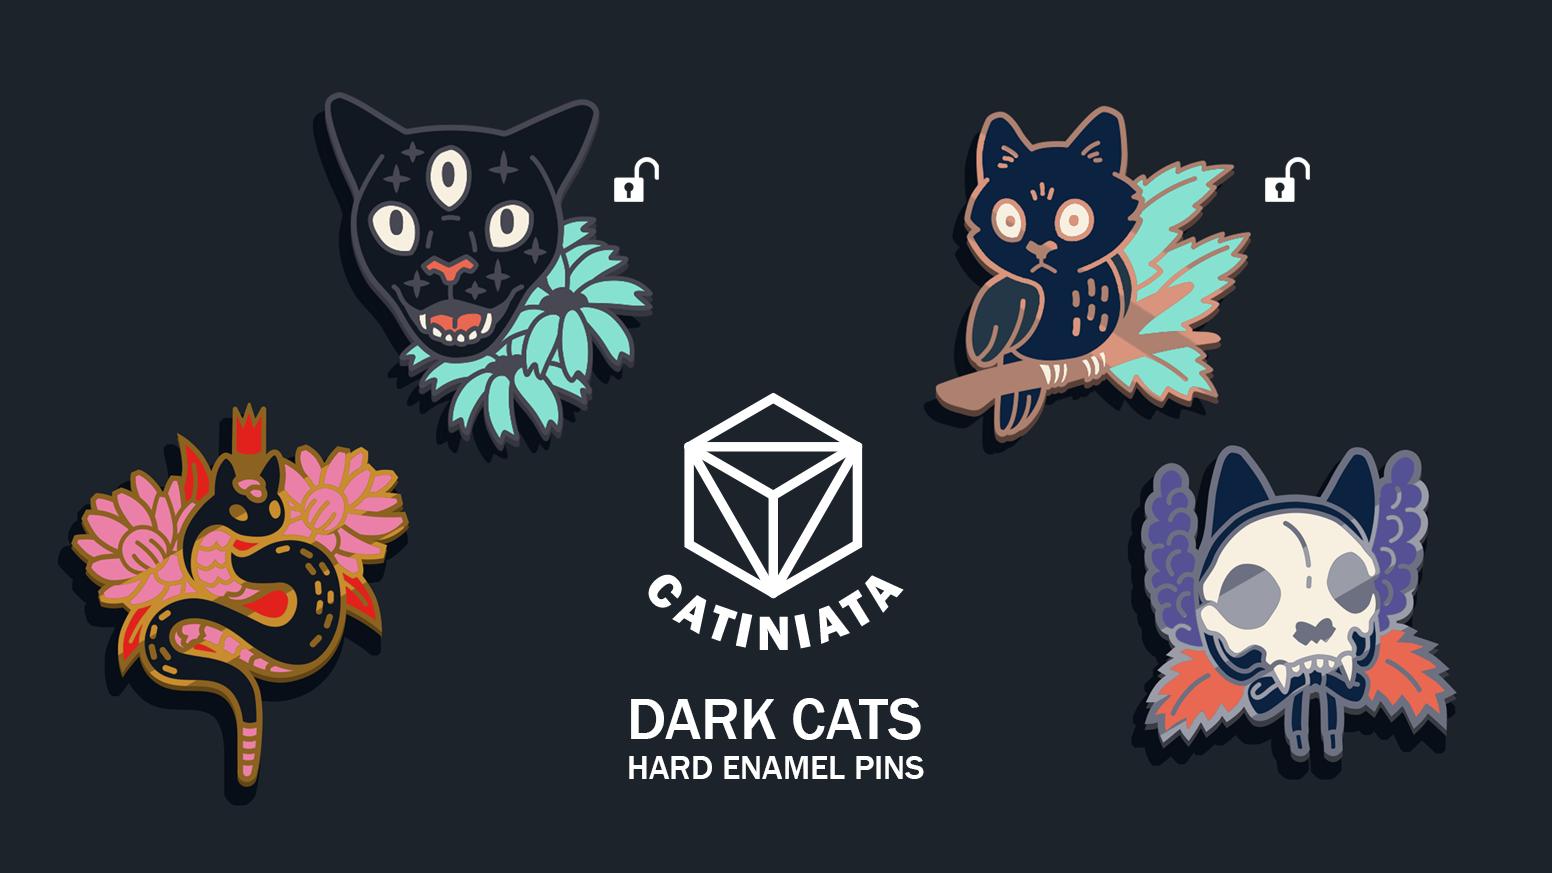 Dark cats - enamel pins inspired by dark fantasy and linocut